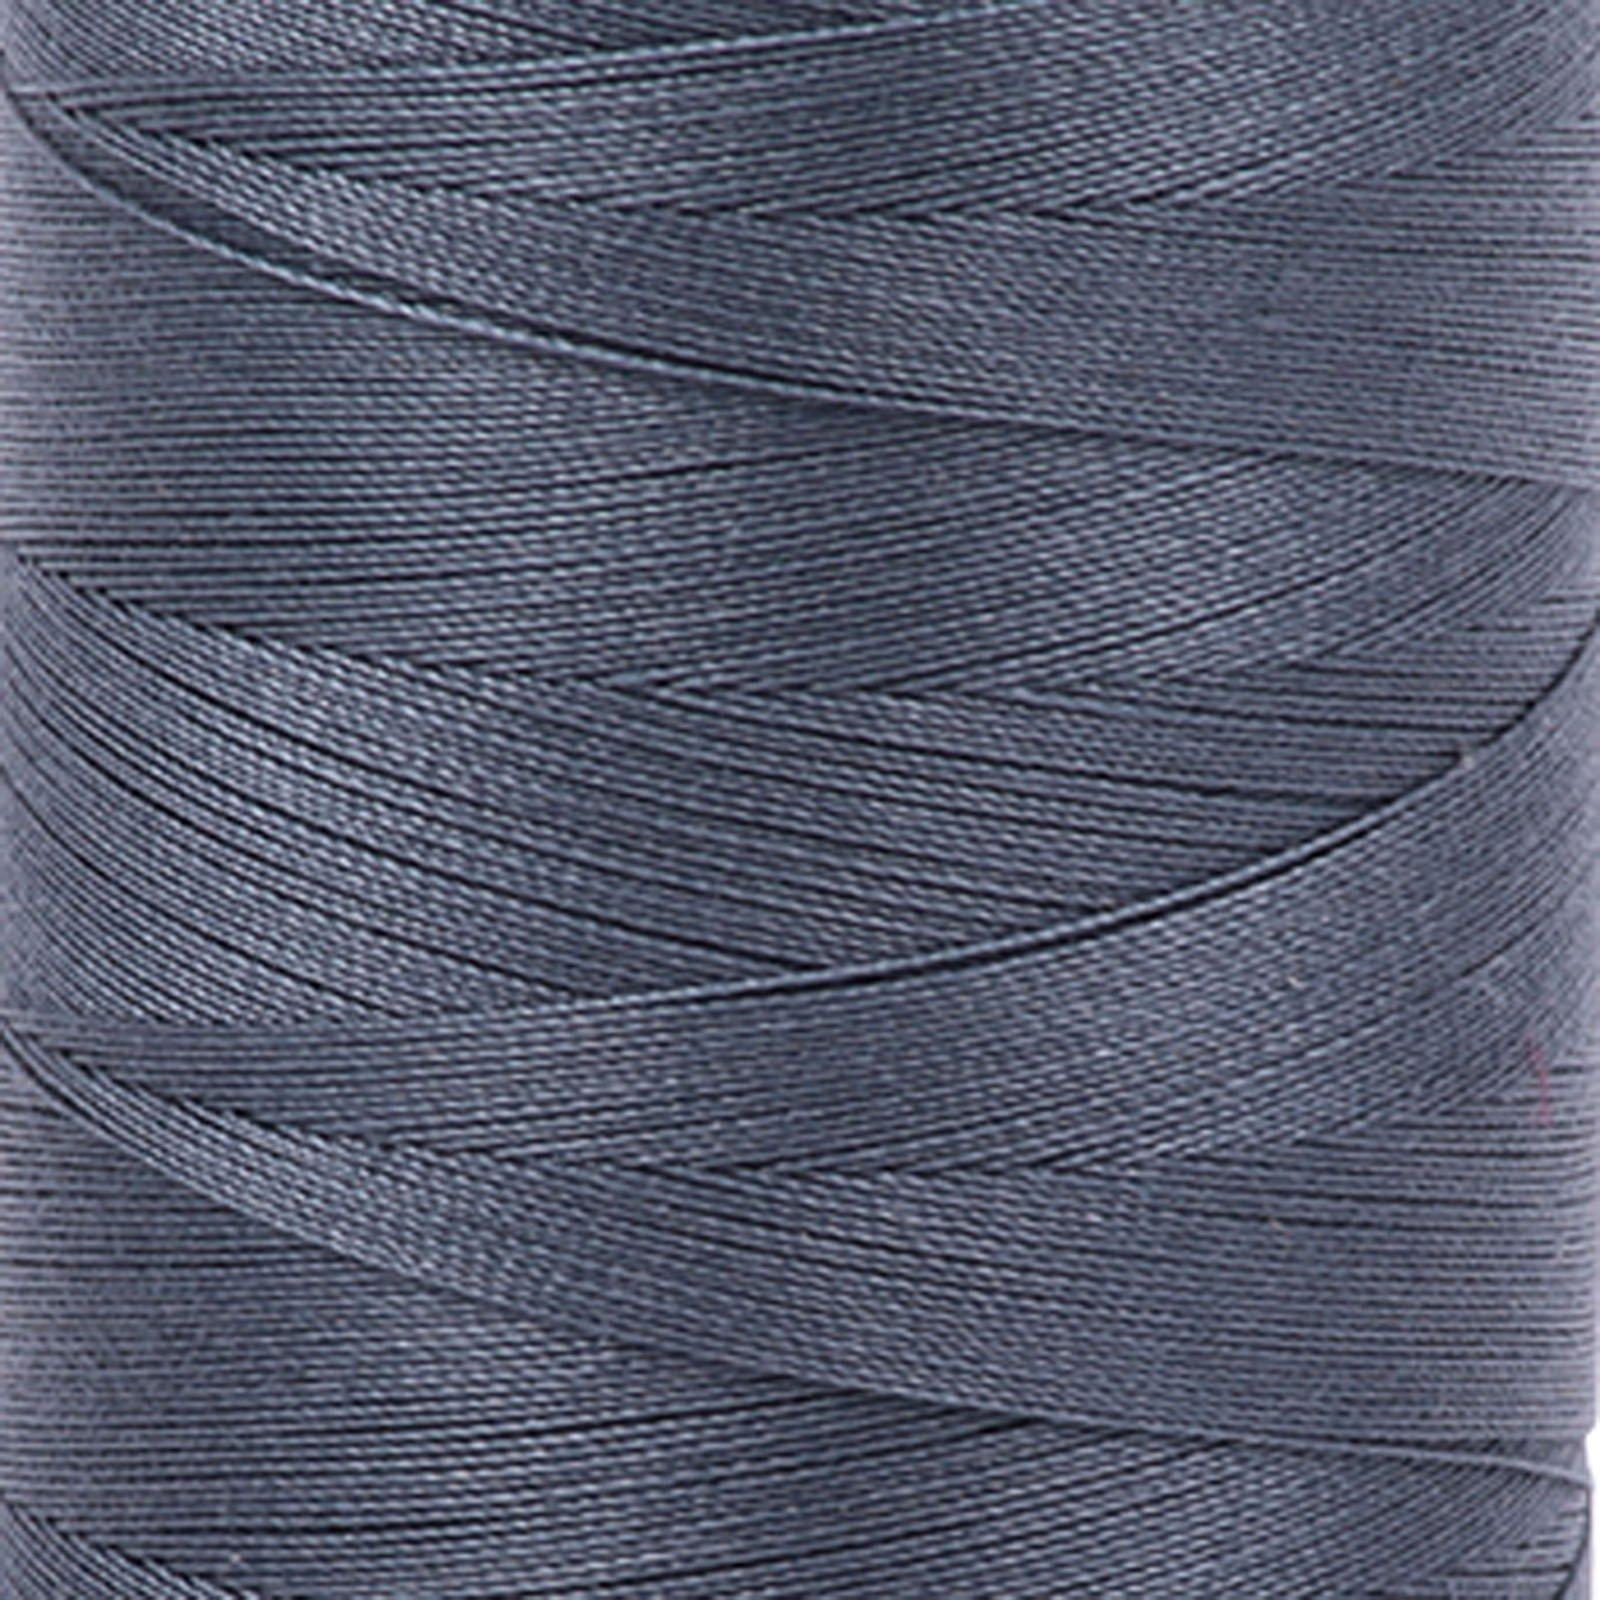 Aurifil Cotton 1246 50wt 220 yds